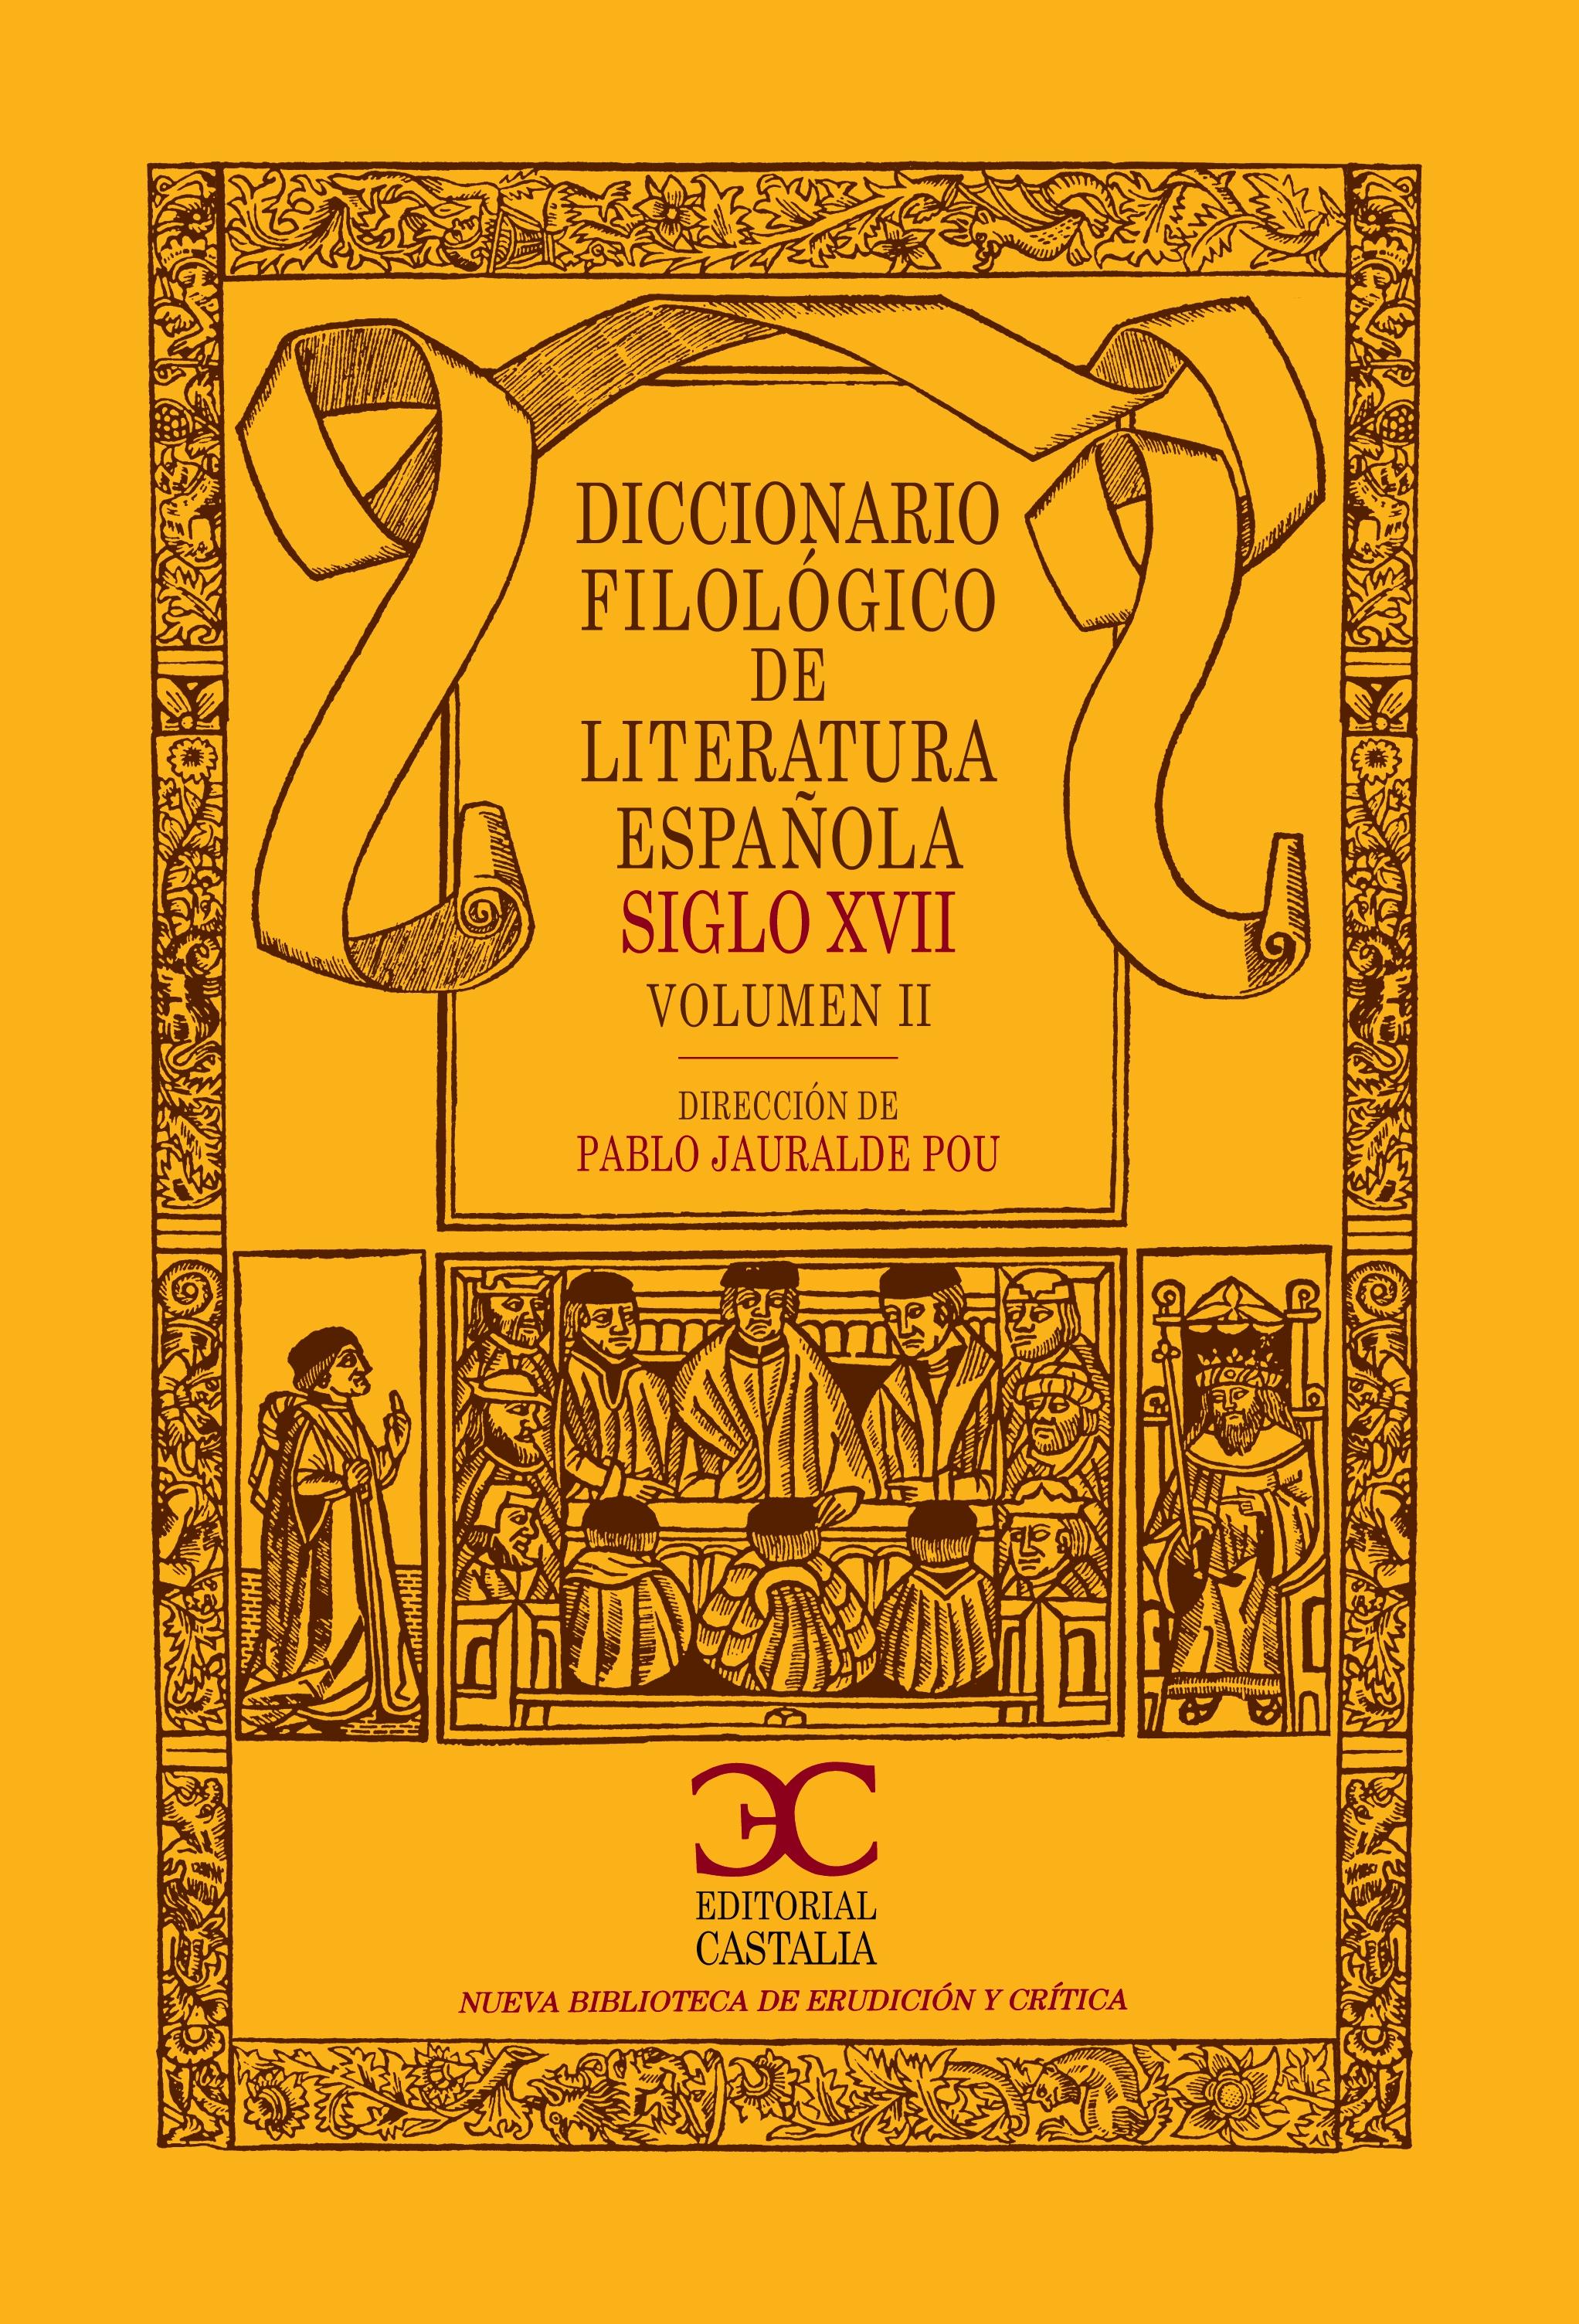 Diccionario Filológico de Literatura Española. Siglo XVII - II